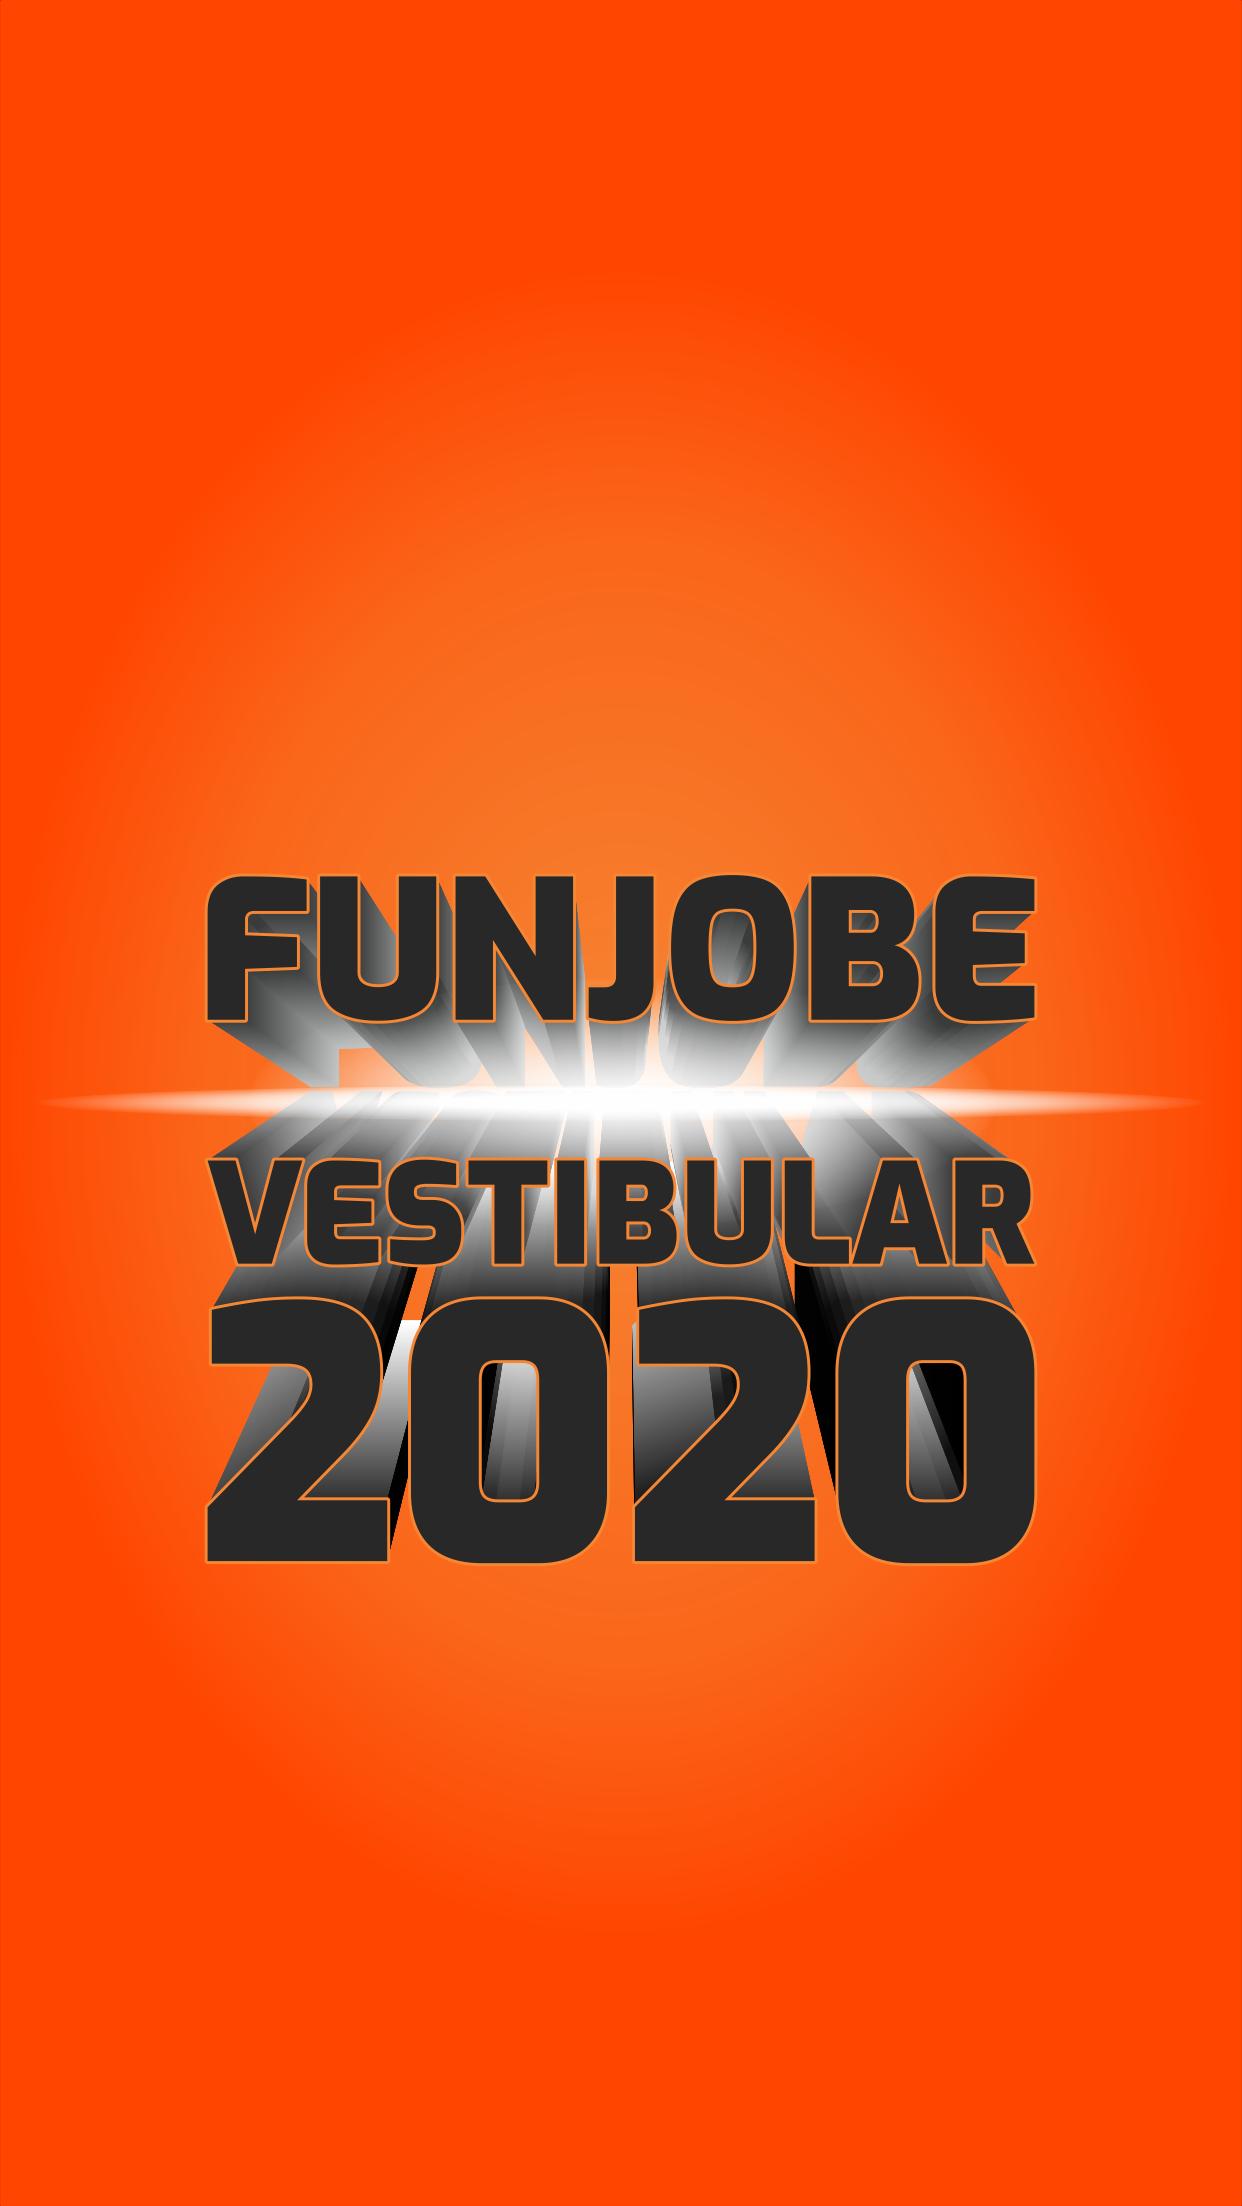 FUNJOBE VESTIBULAR 2020